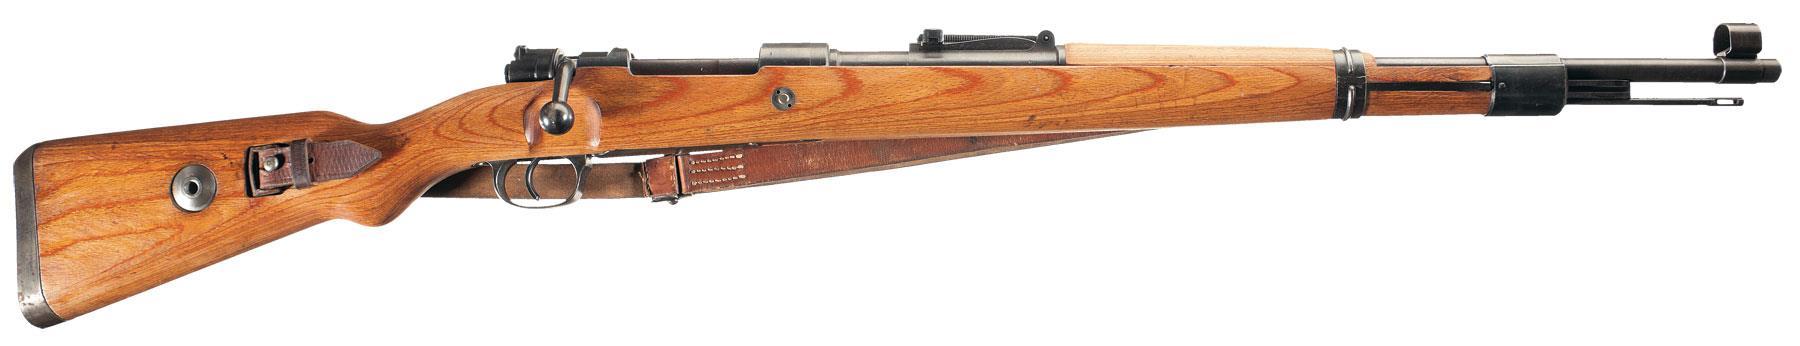 Gustloff Werke- Suhl 98K Rifle 7 92 mm Mauser